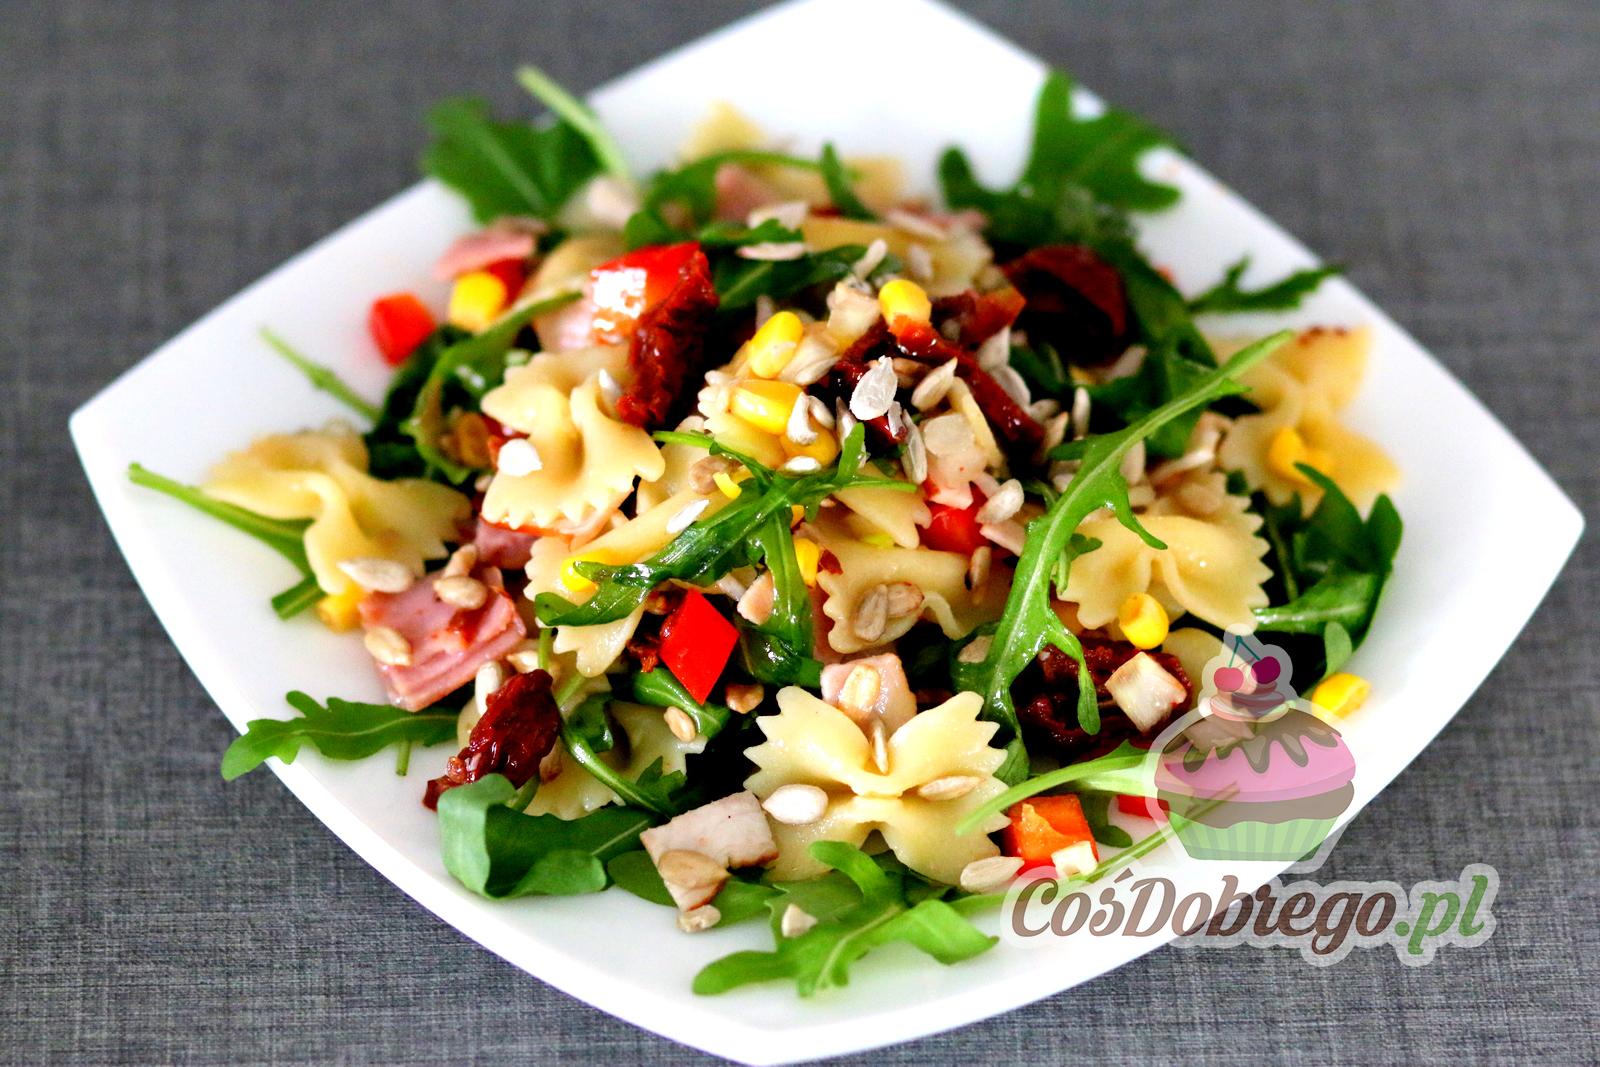 Przepis Na Salatke Z Suszonymi Pomidorami I Rukola Cosdobrego Pl